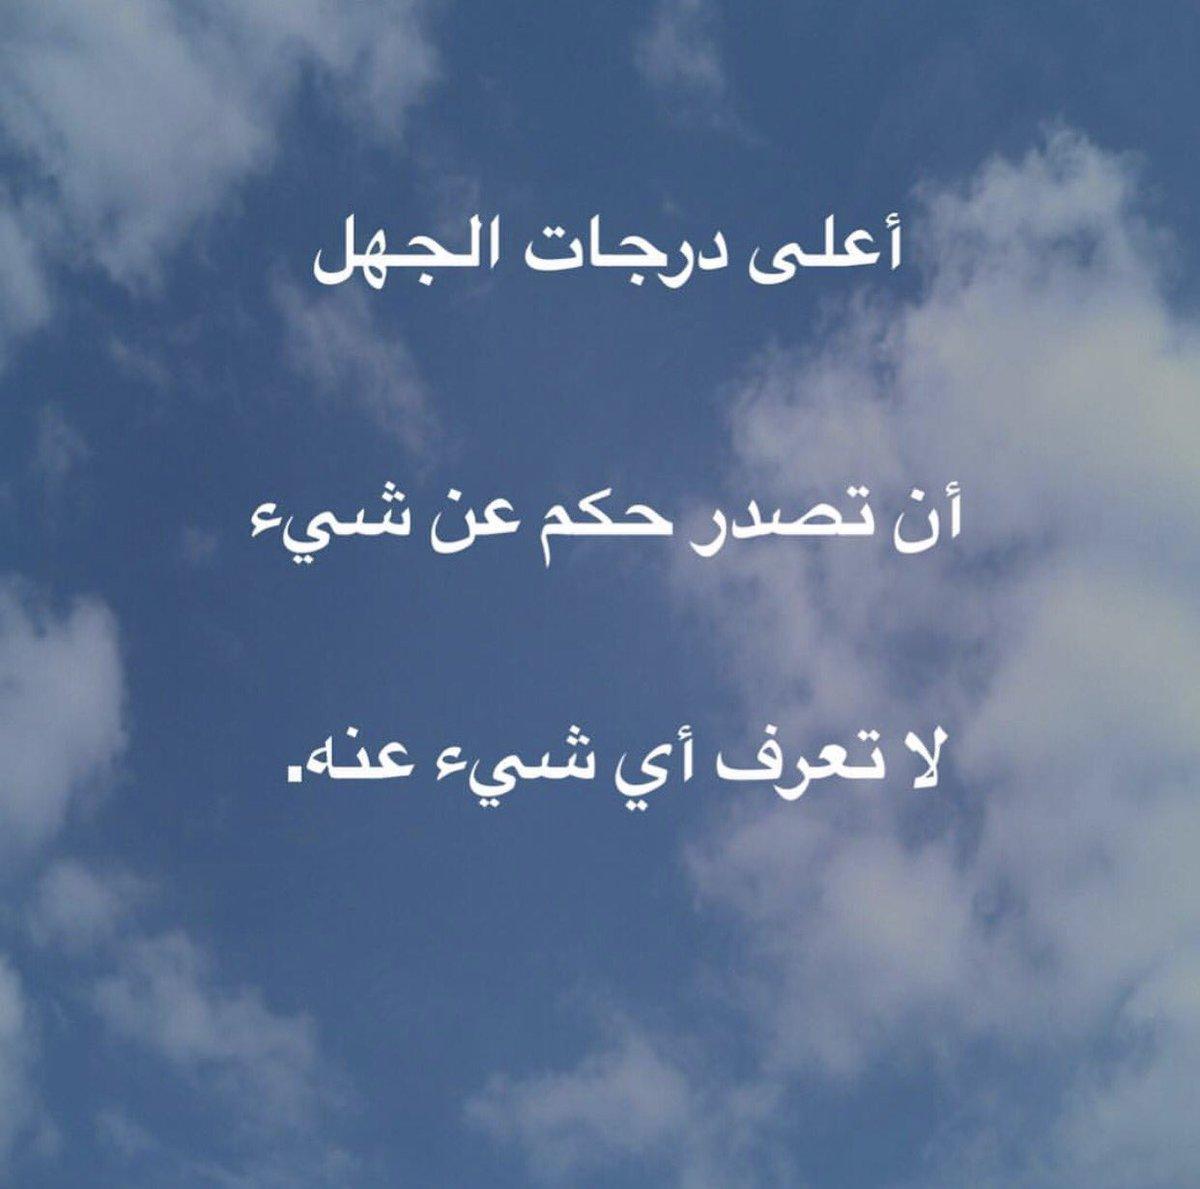 صورة حكم عن الجهل والغباء , كلمات عن اصعب الصفات الجهل